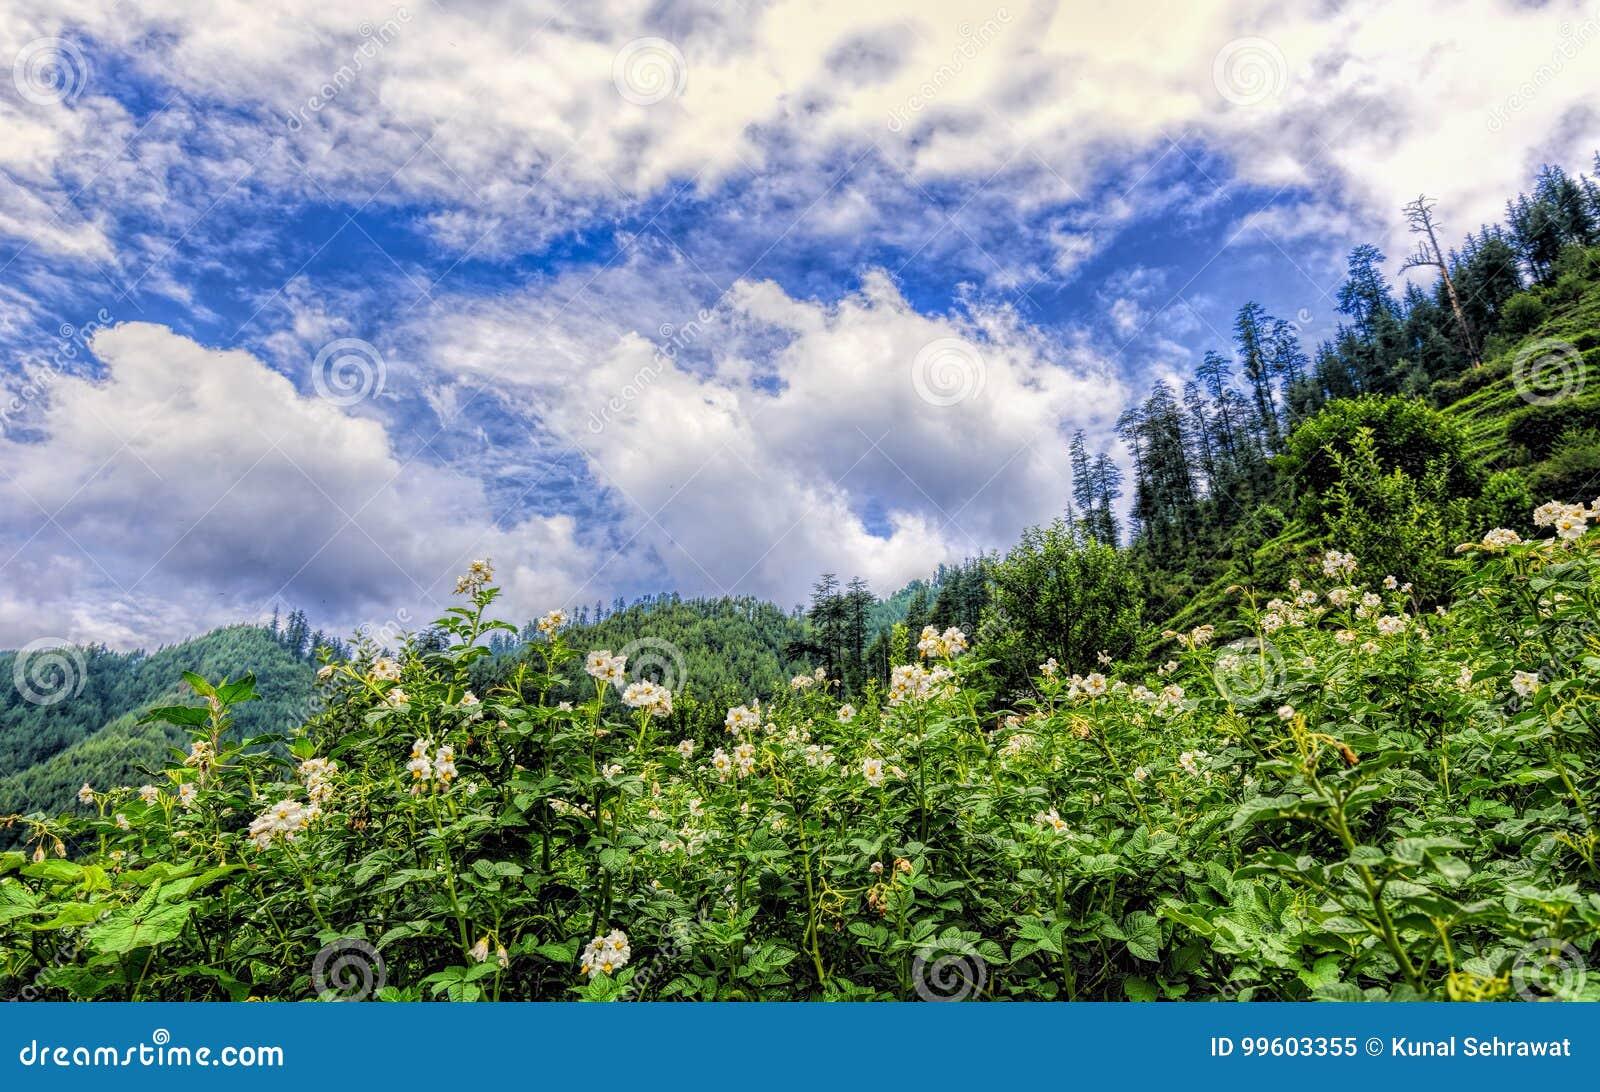 Растительный мир Индии. Леса. | Индия - страна мечты. | 904x1300